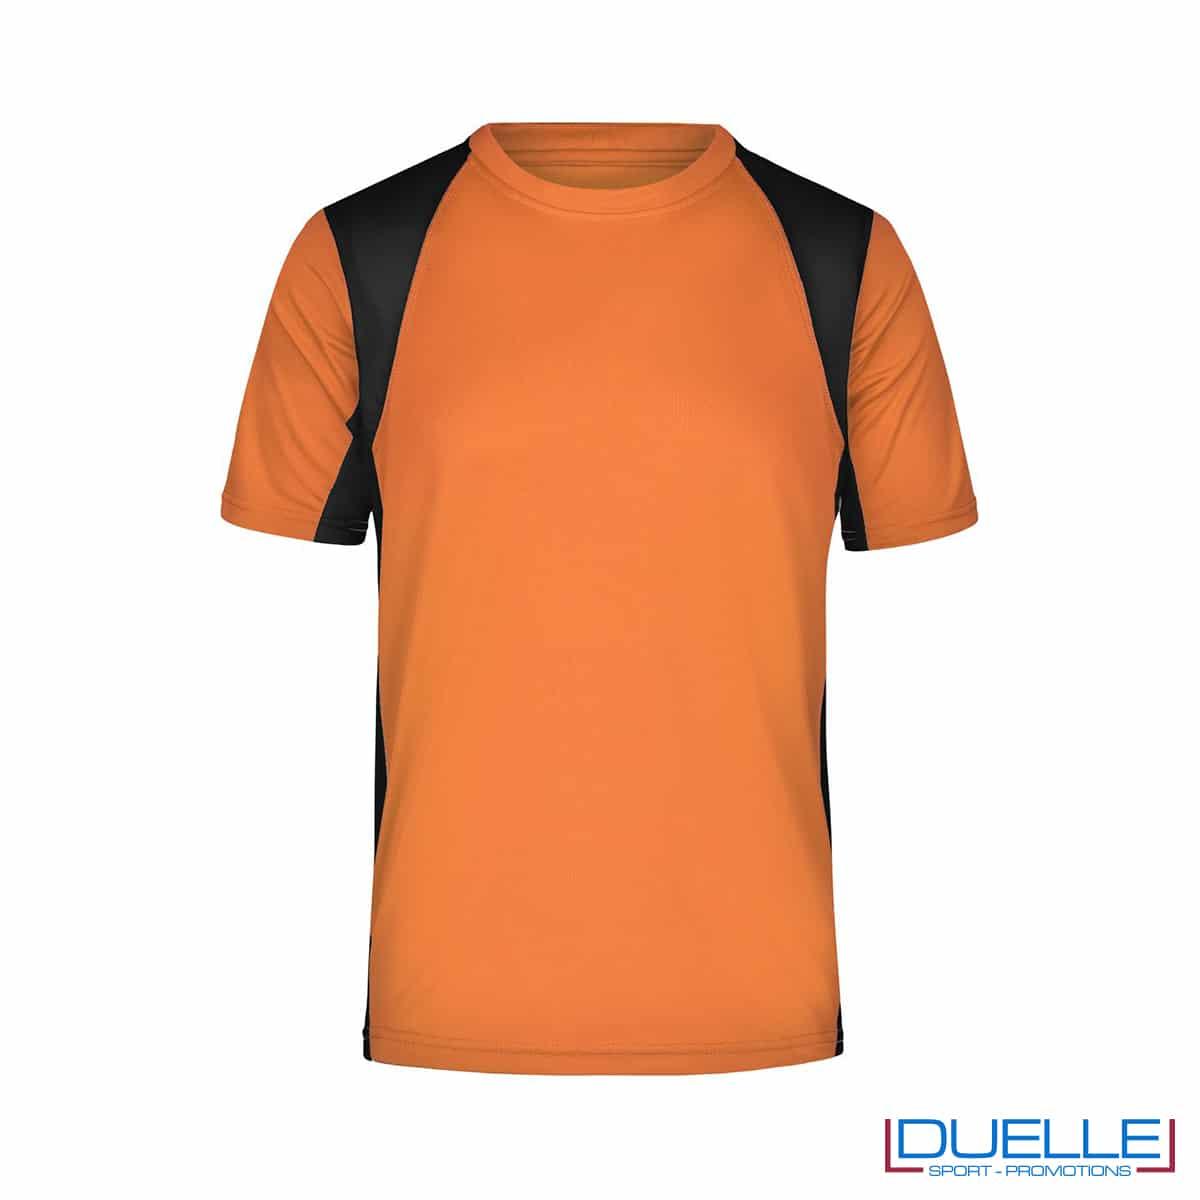 T-shirt running uomo personalizzata colore arancione-nero